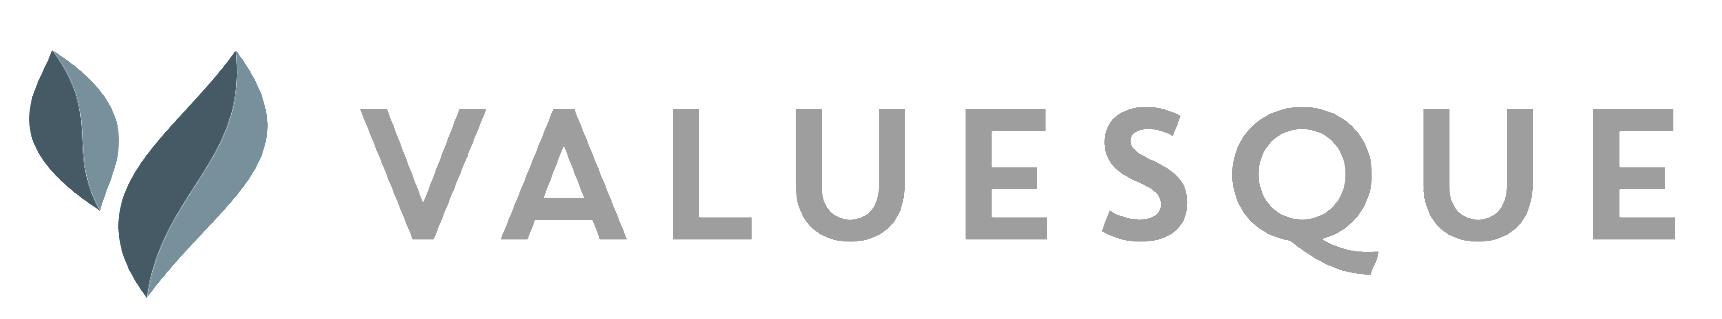 VALUESQUE logo